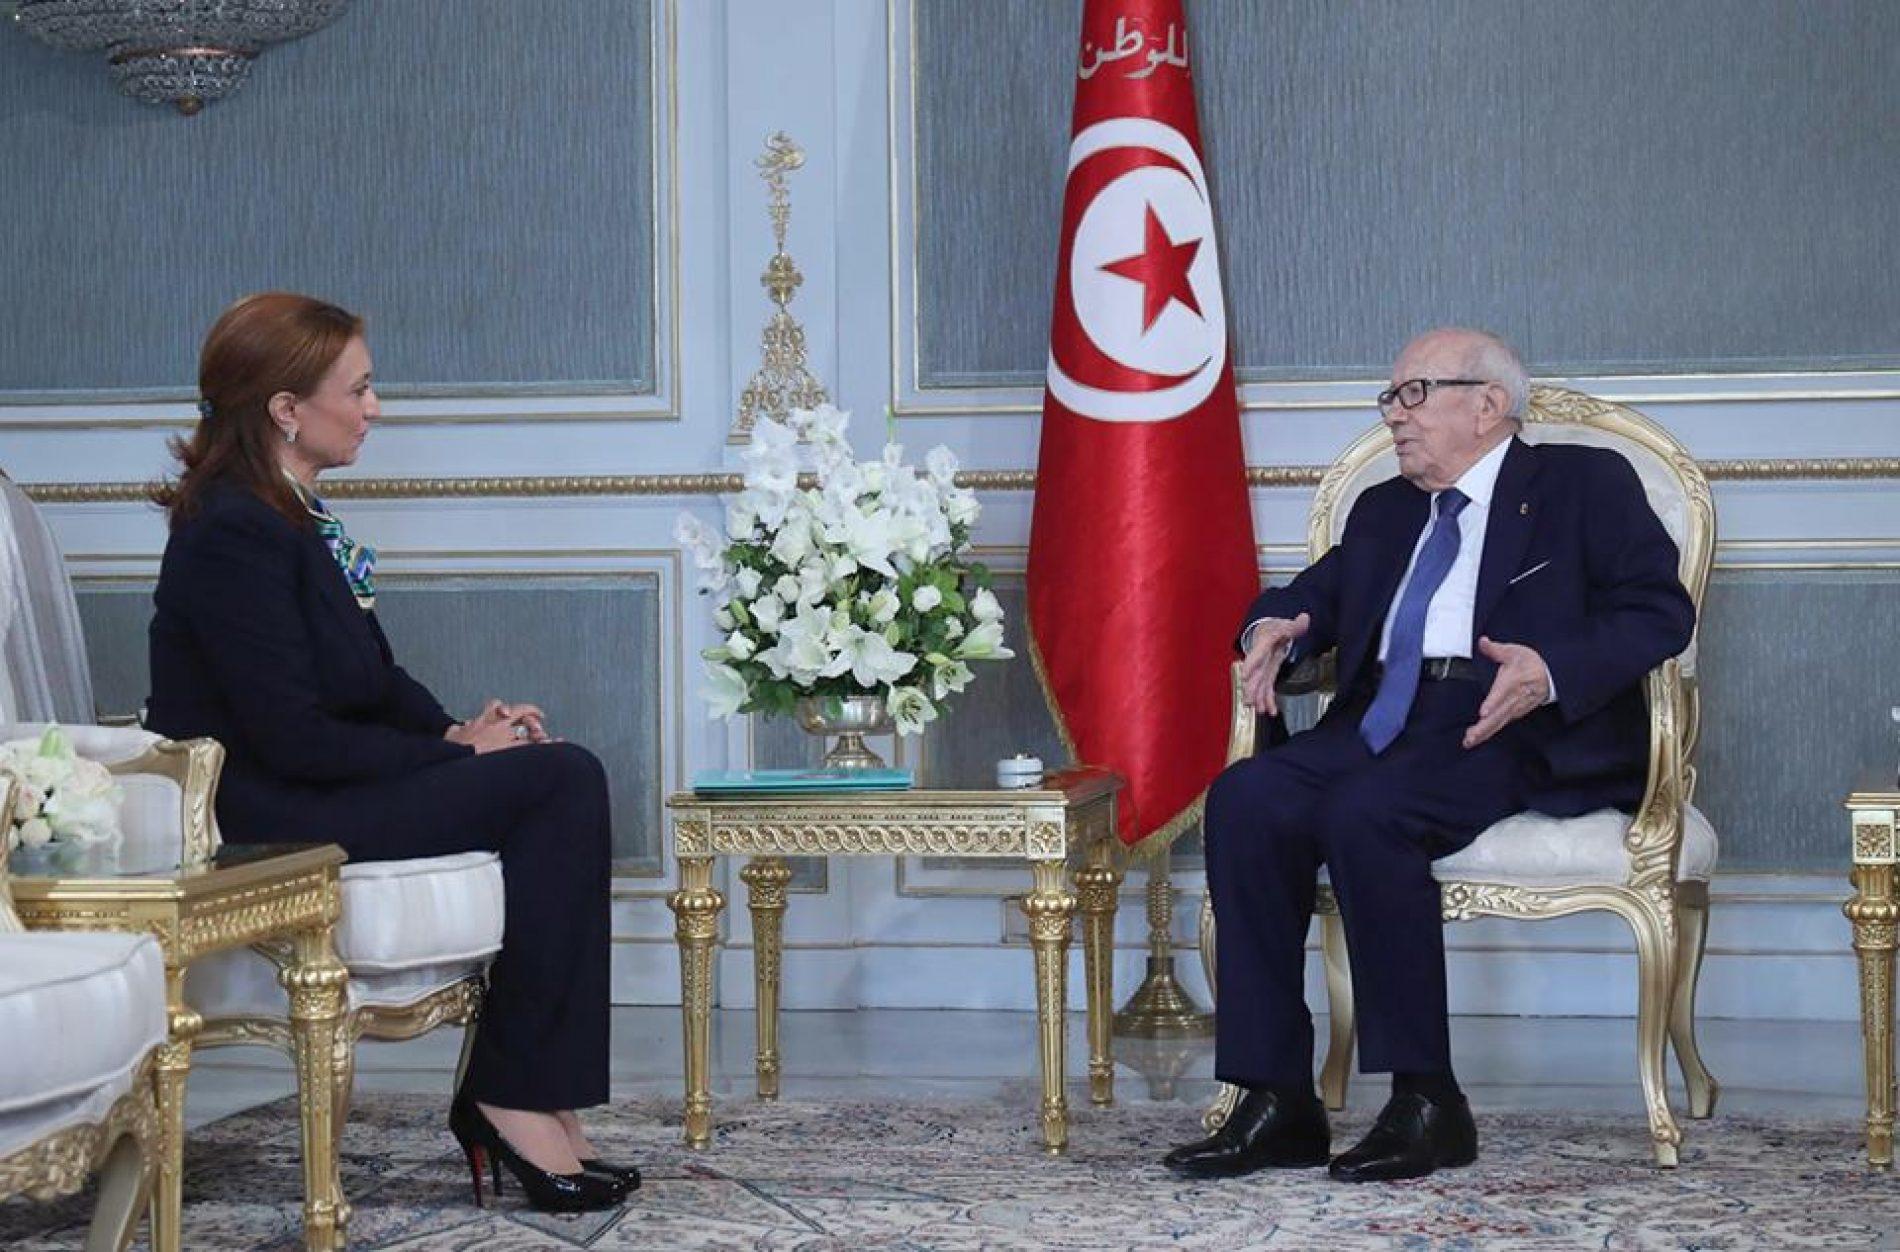 Tunisie: Souad Abderrahim parmi les maires les plus distinguées du monde!